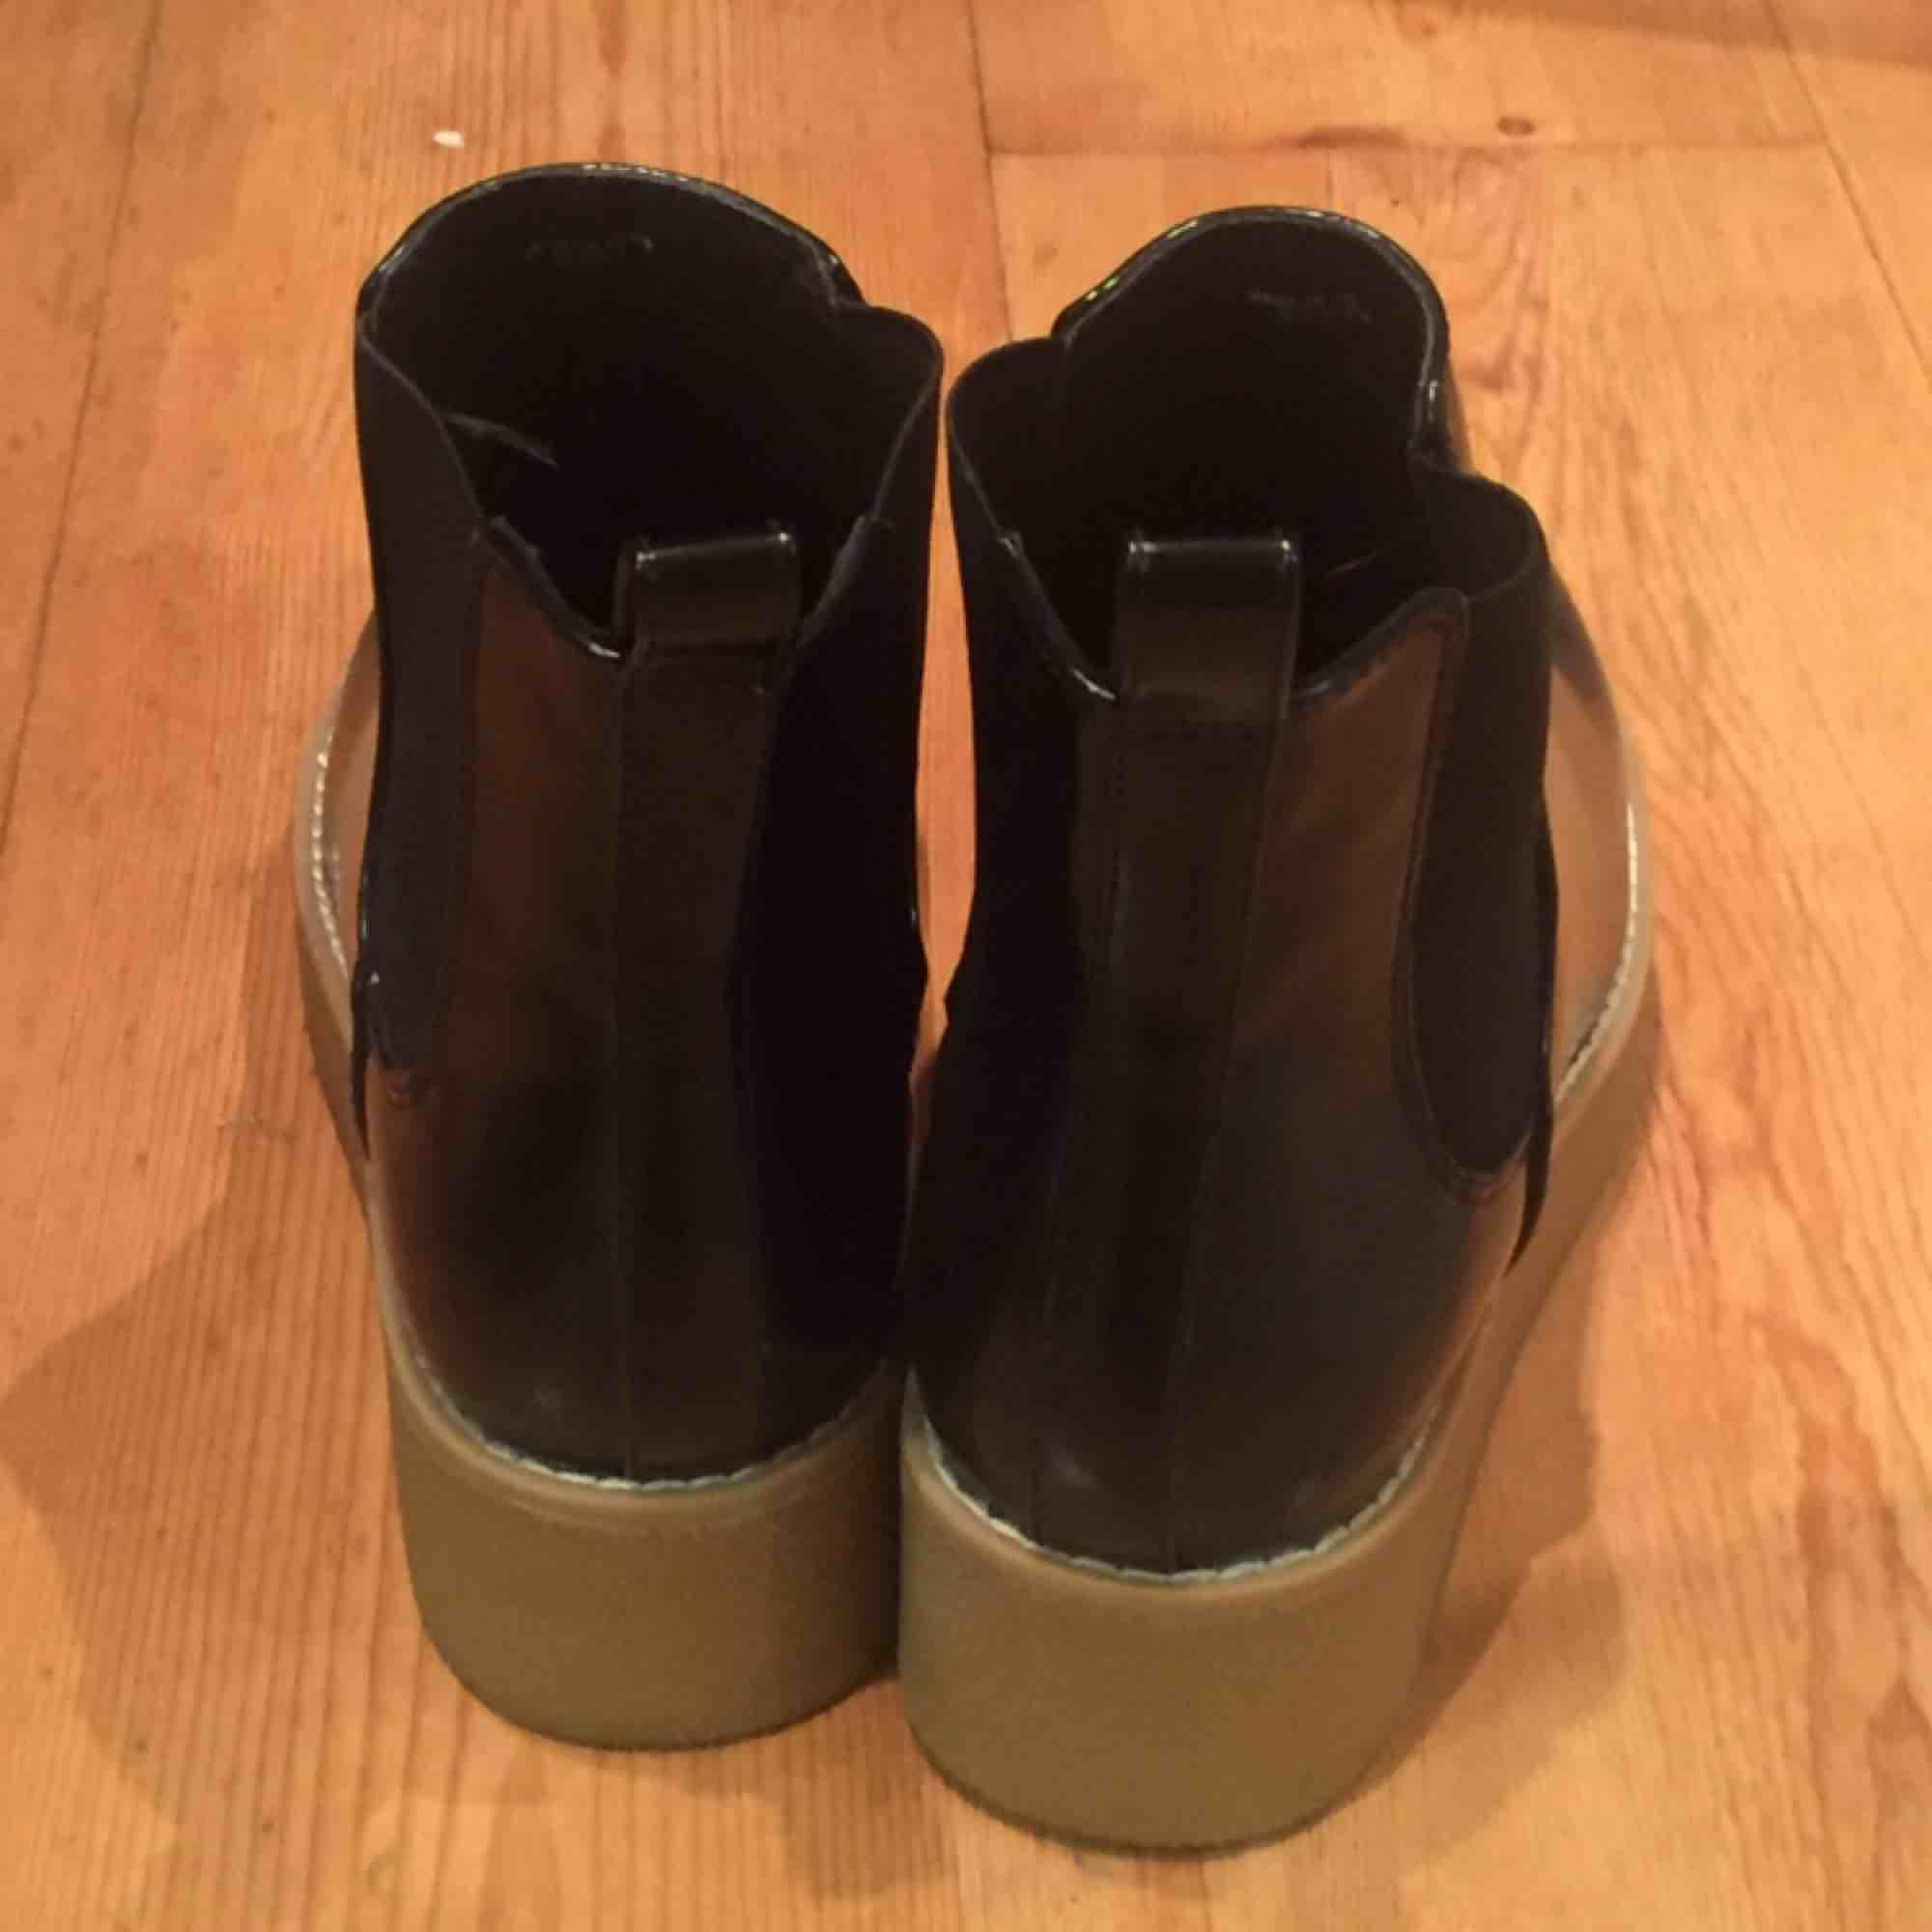 Superfina blanka skor. Funkar bra även i regn. Använda en gång (typ 300m). Säljes pga för liten storlek. . Skor.